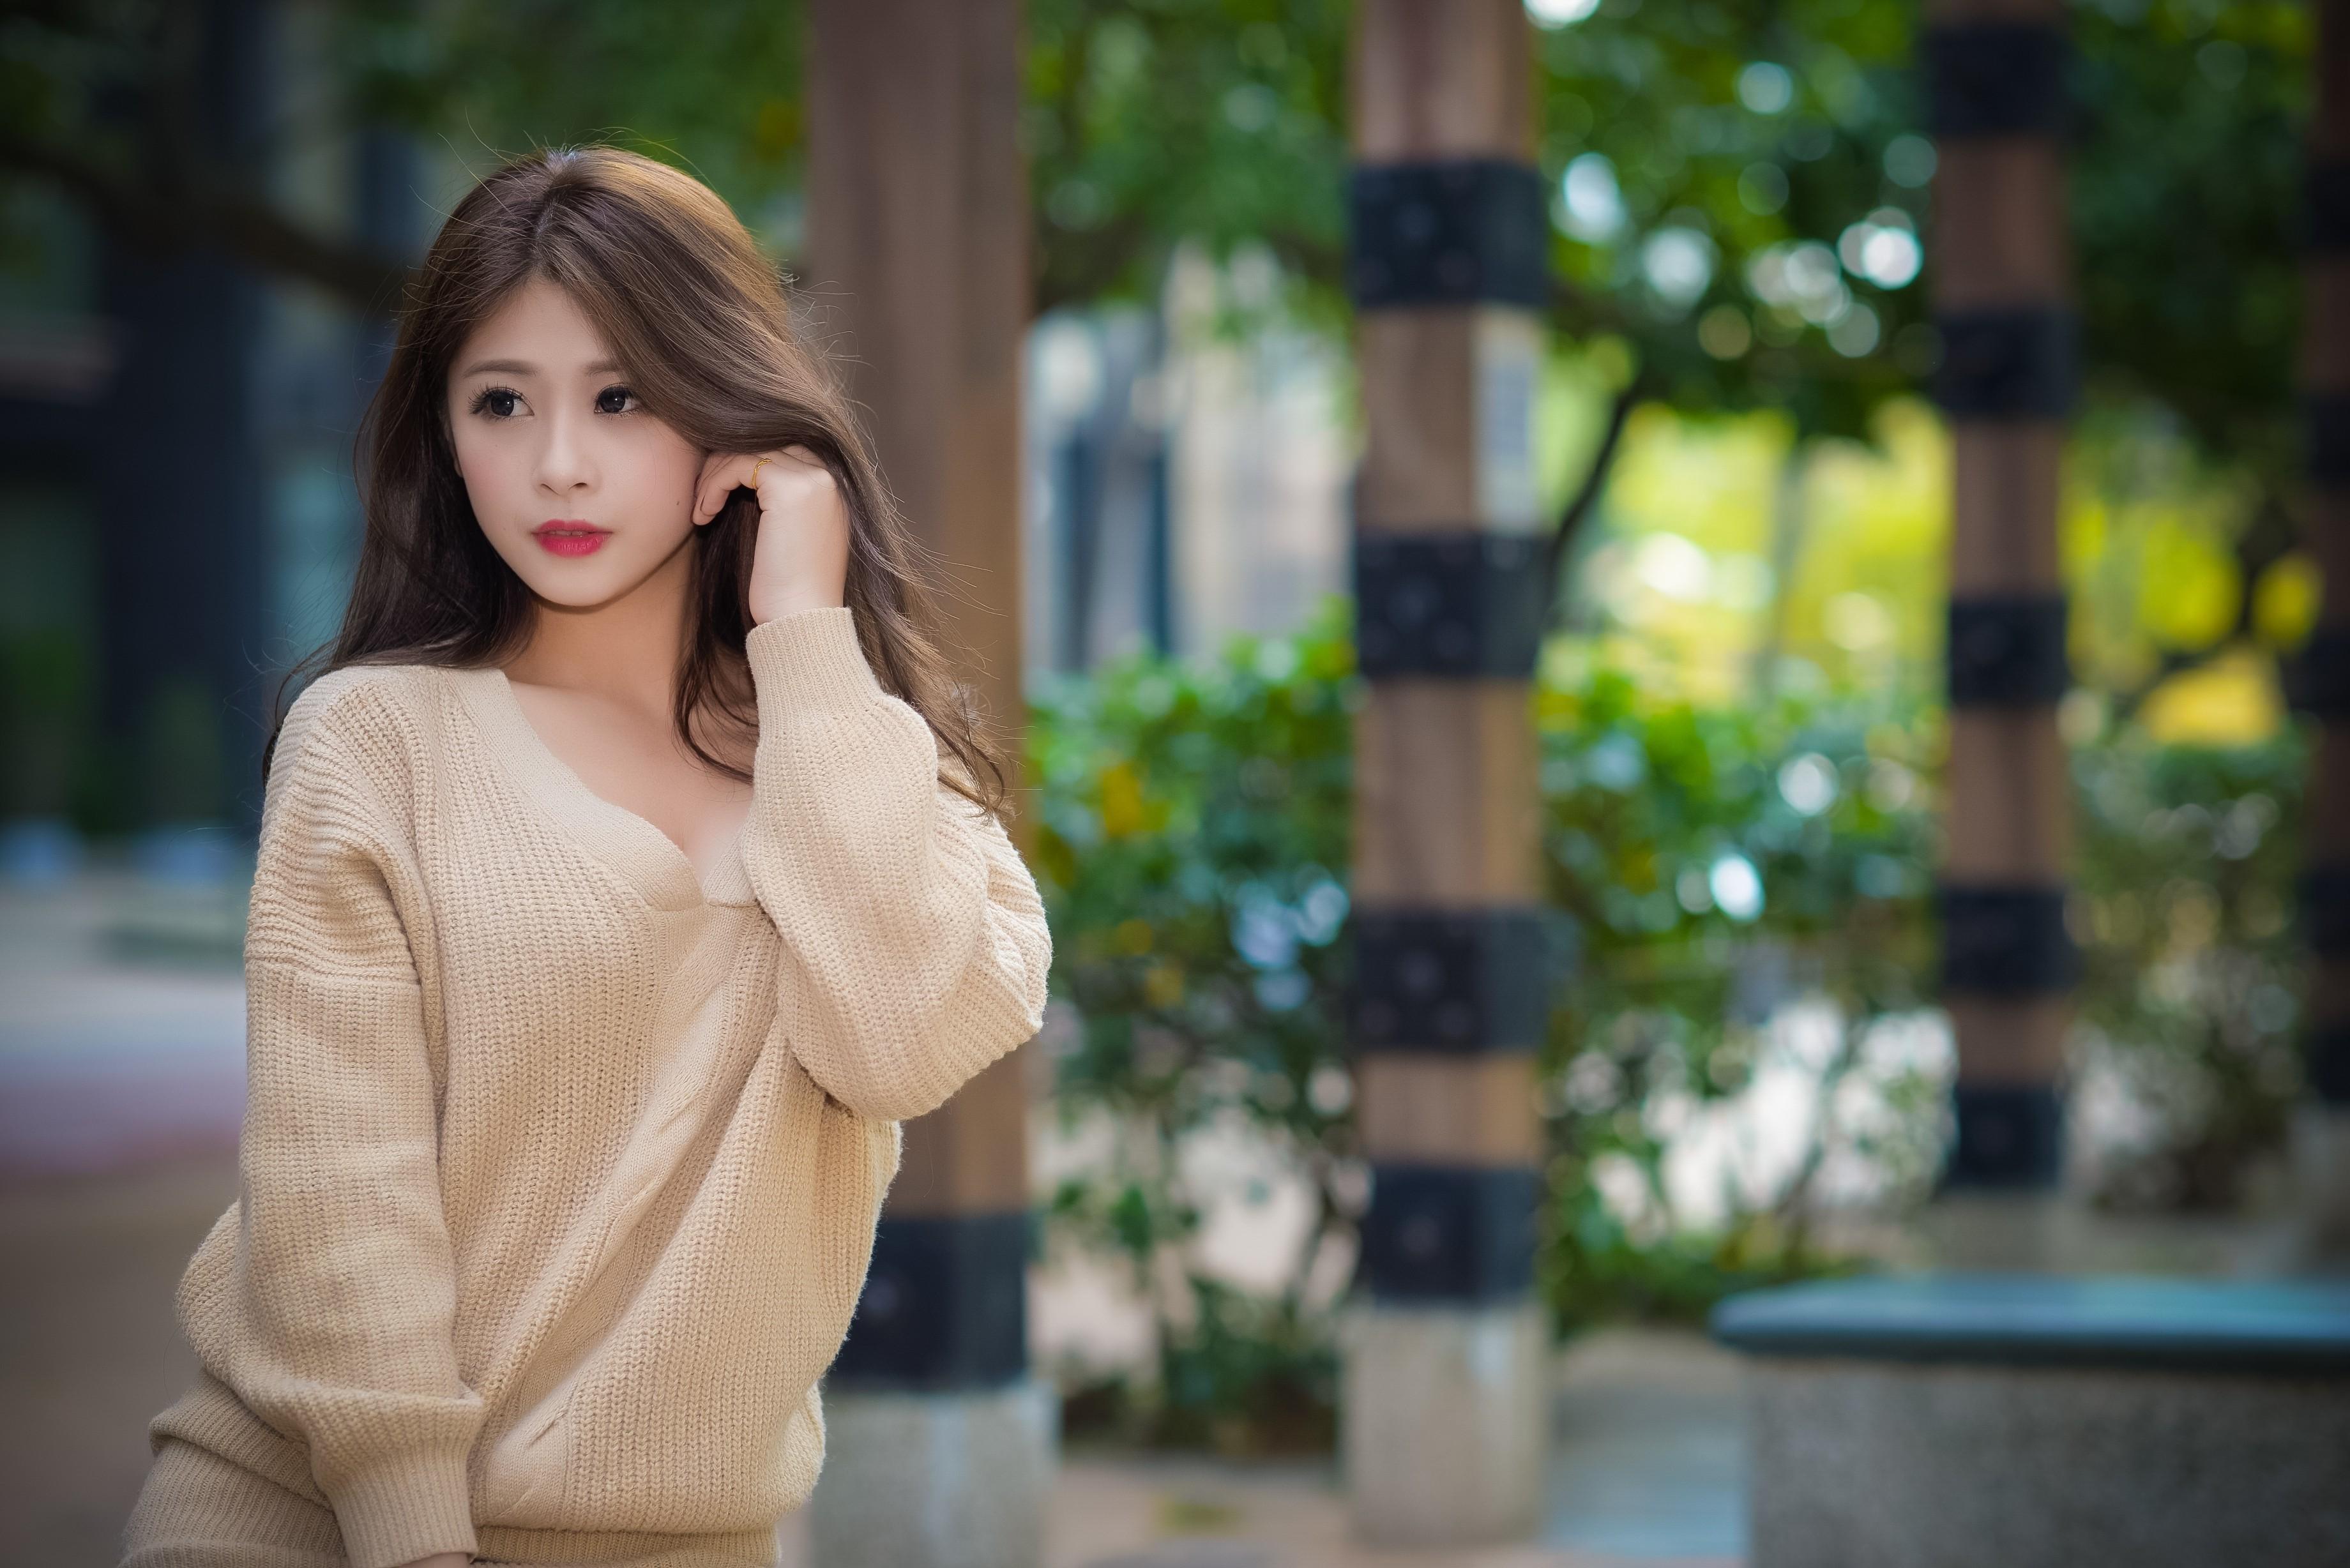 даже могила фото современные кореянки массивном